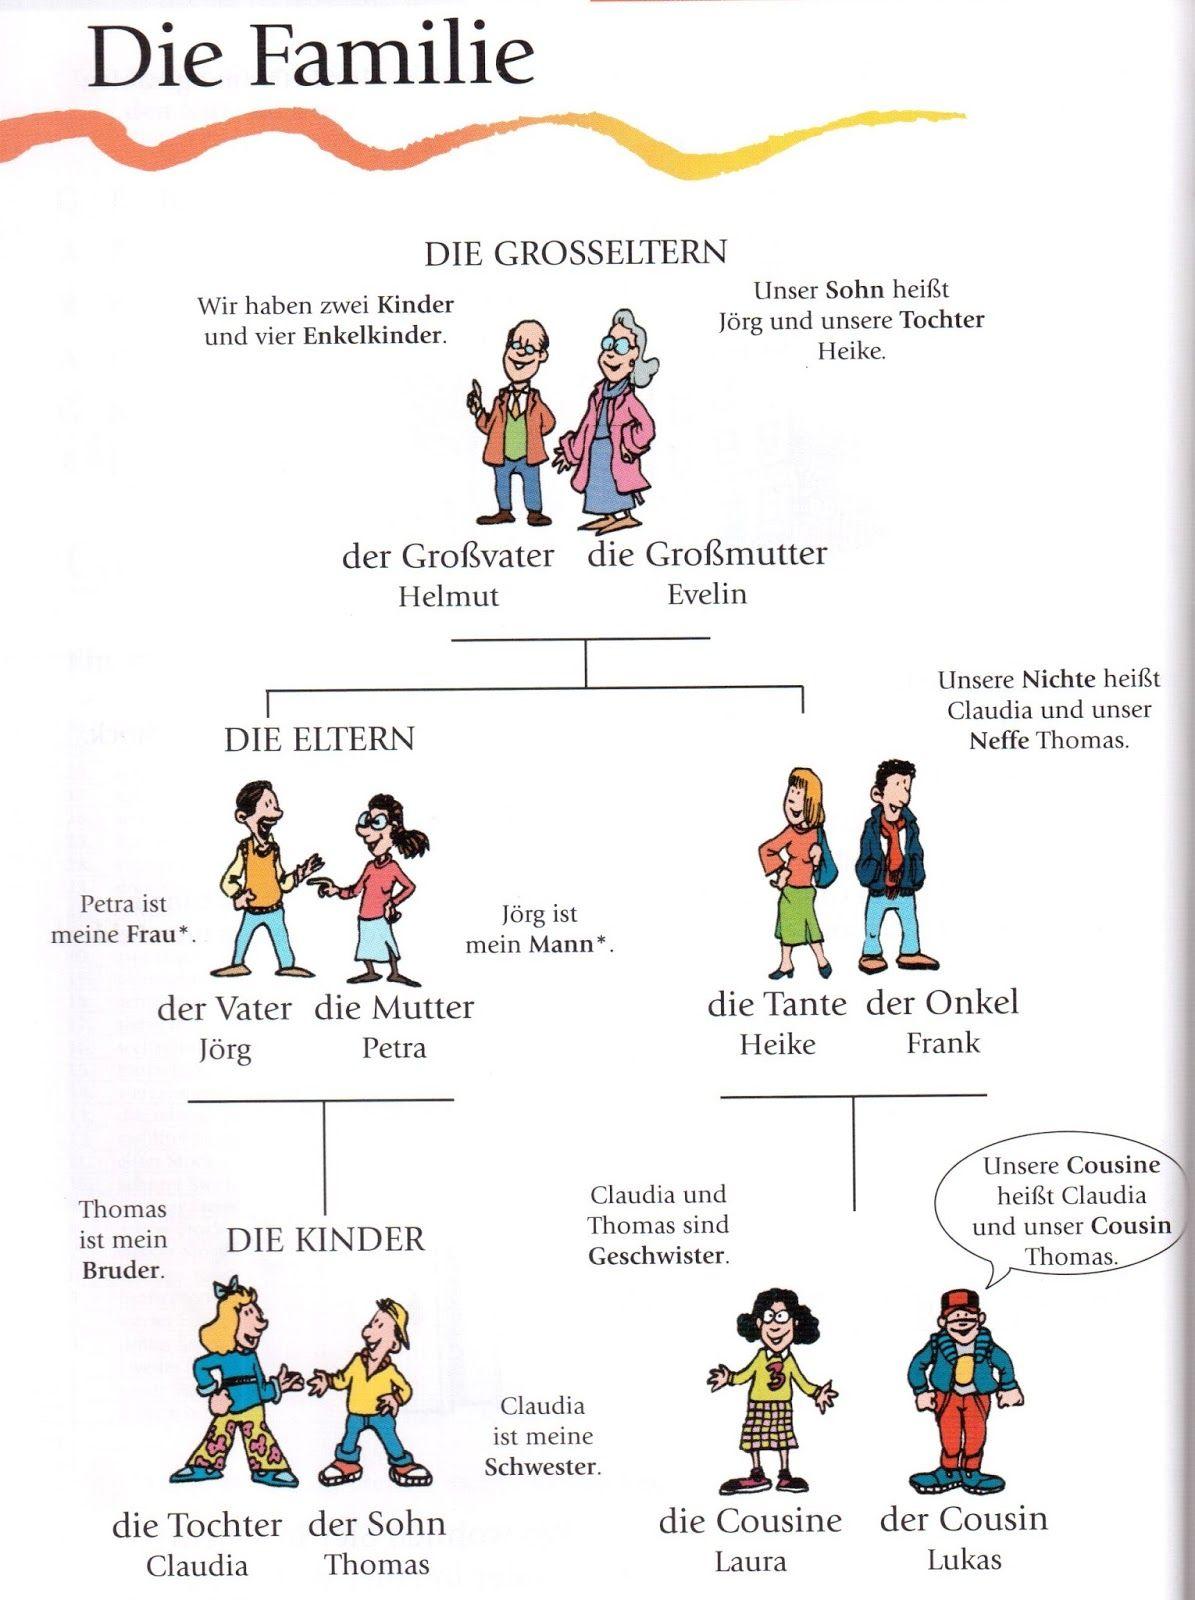 deutsch lernen mit bildern die familie wortschatz the family vocabulary german language learning online in jaipur rajasthan